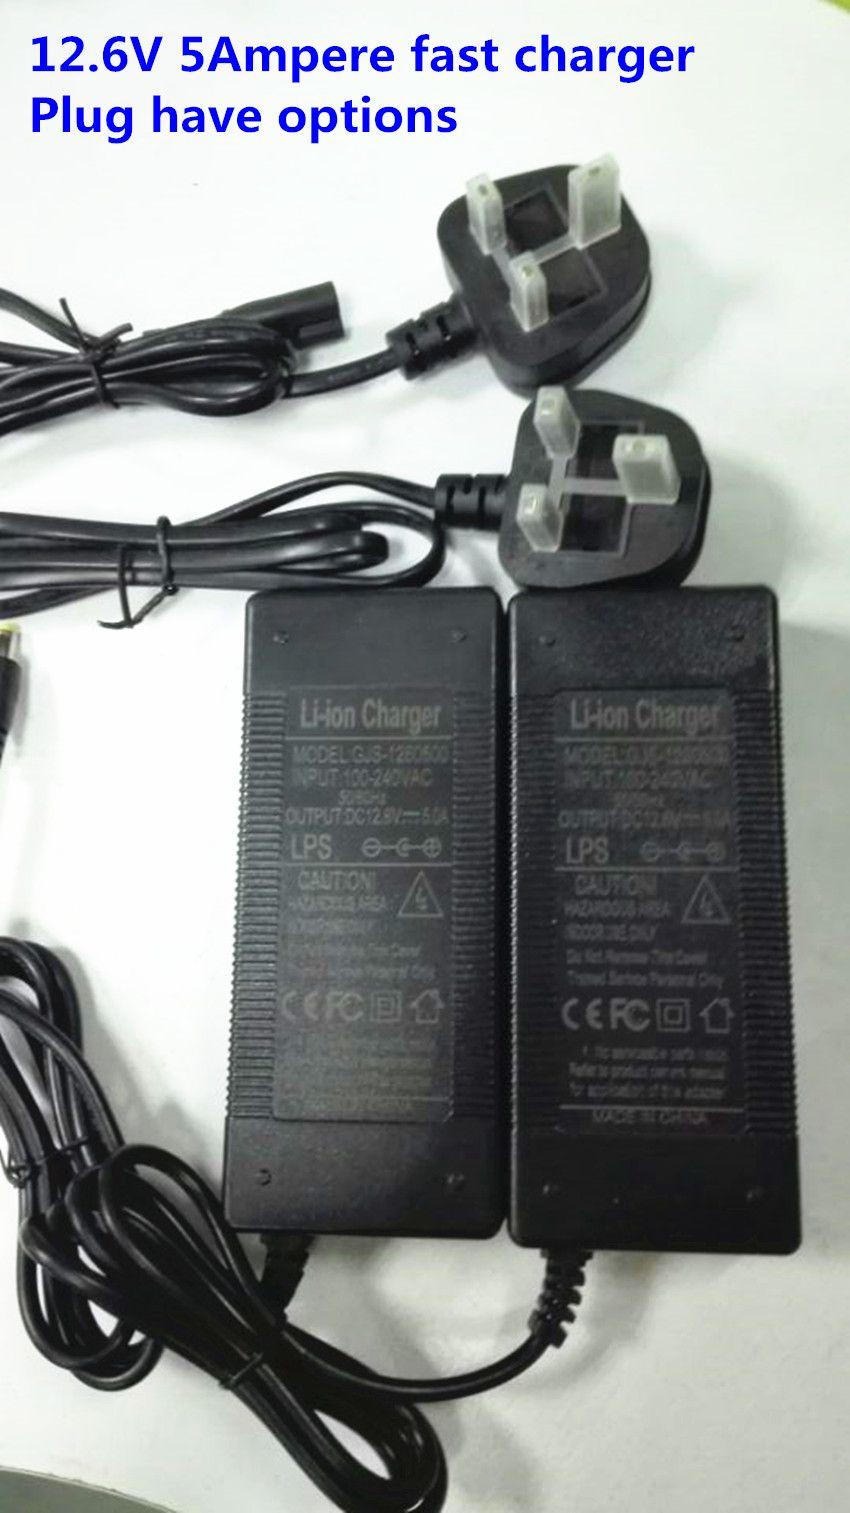 Alimentation puissante UPS 12 V 1200 W avec 5 V 12 V sorties batterie au lithium ups pour la maison unité de puissance de rechange Euro USA libre d'impôt Shenzhen Chine stock